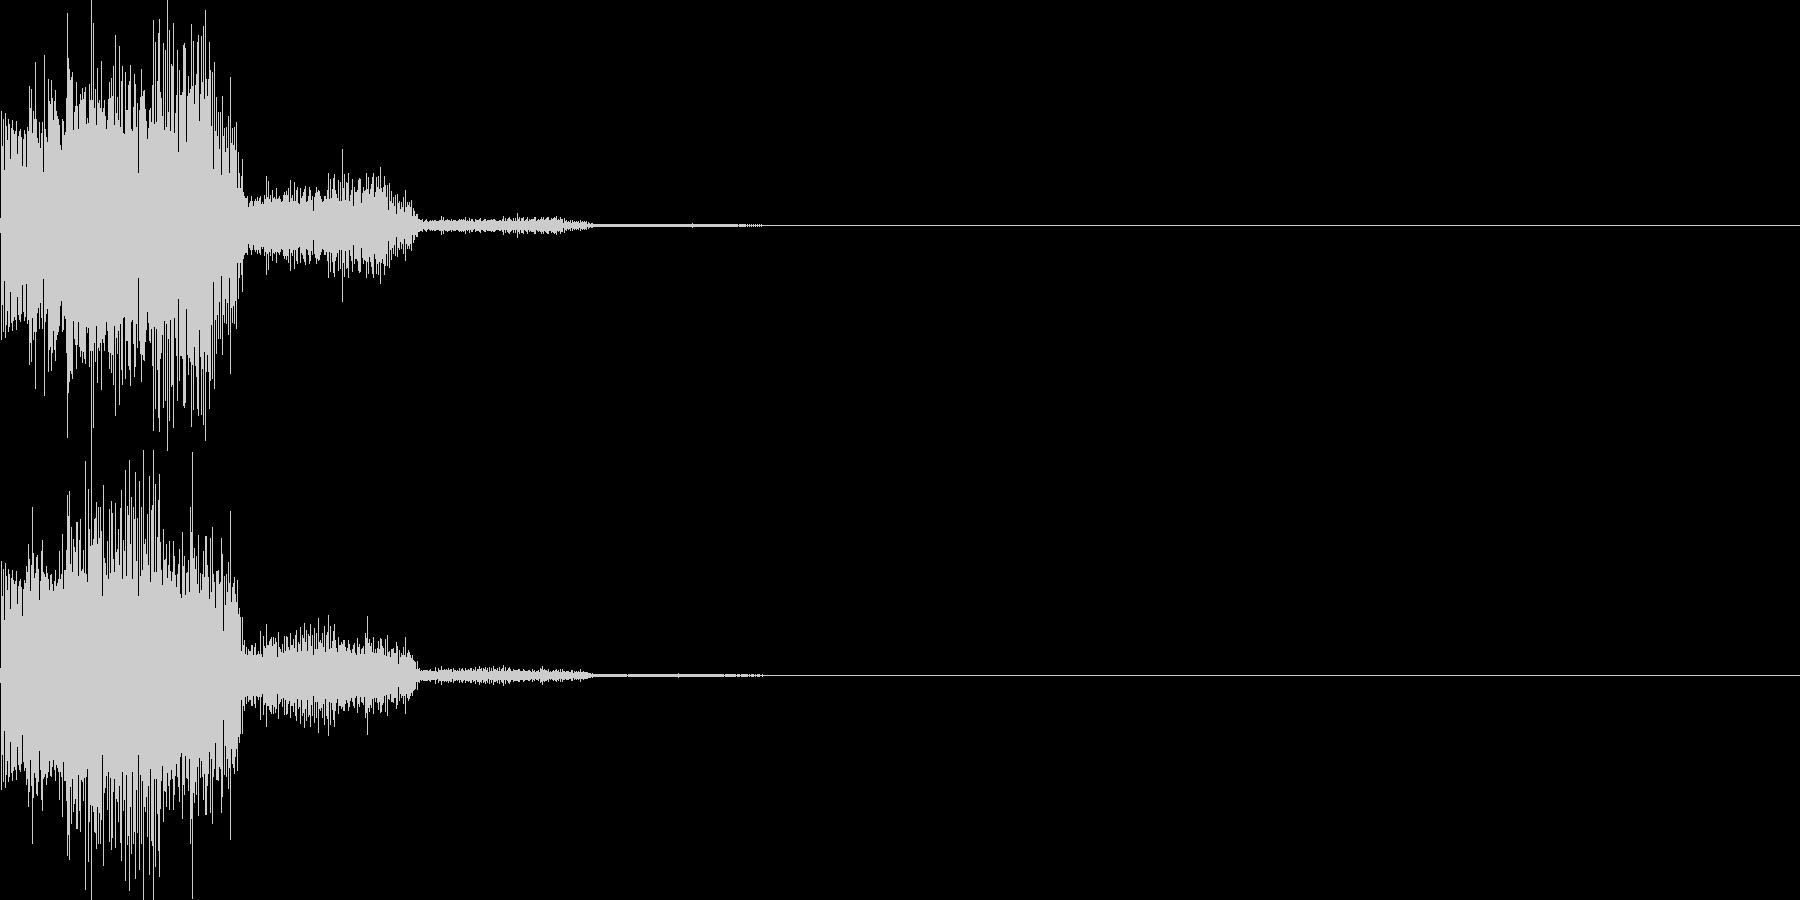 キャンセル音13(シンセ系Q)の未再生の波形